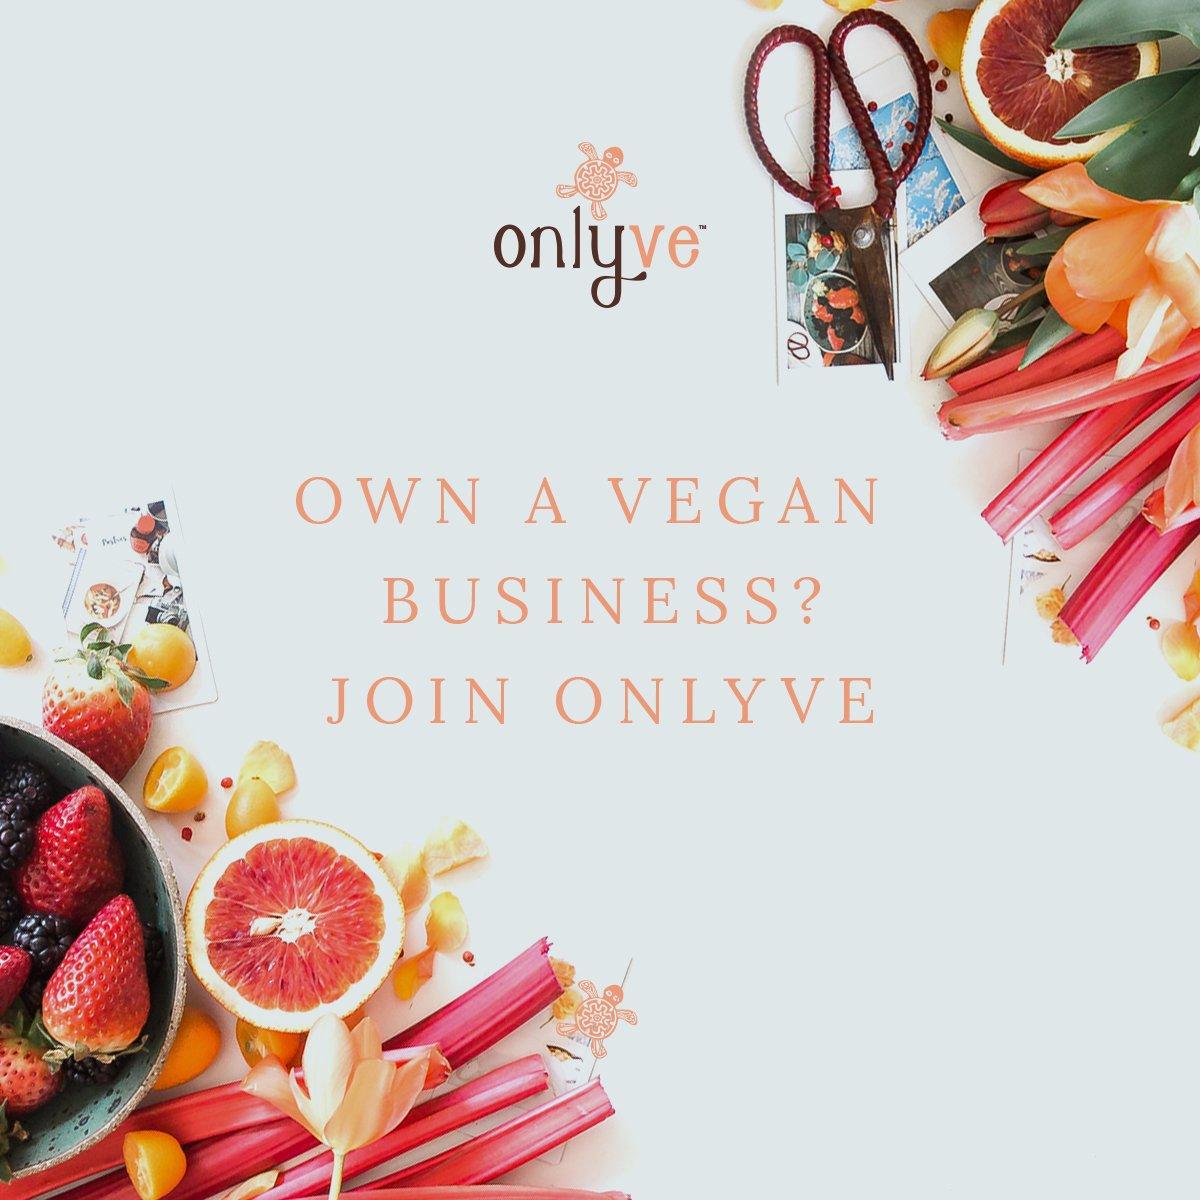 Do you own a vegan business? Register your interest here:  https://www. onlyve.com/sell  &nbsp;   #OnlyVe #veganbusiness #veganbusinessowner #veganfood #veganclothes #veganfashion #veganbeauty #veganproducts #vegandproduct #veganlifestyle #veganuk #vegansofig #veganhealth #vegan #vegans<br>http://pic.twitter.com/7d5dnDWEmg